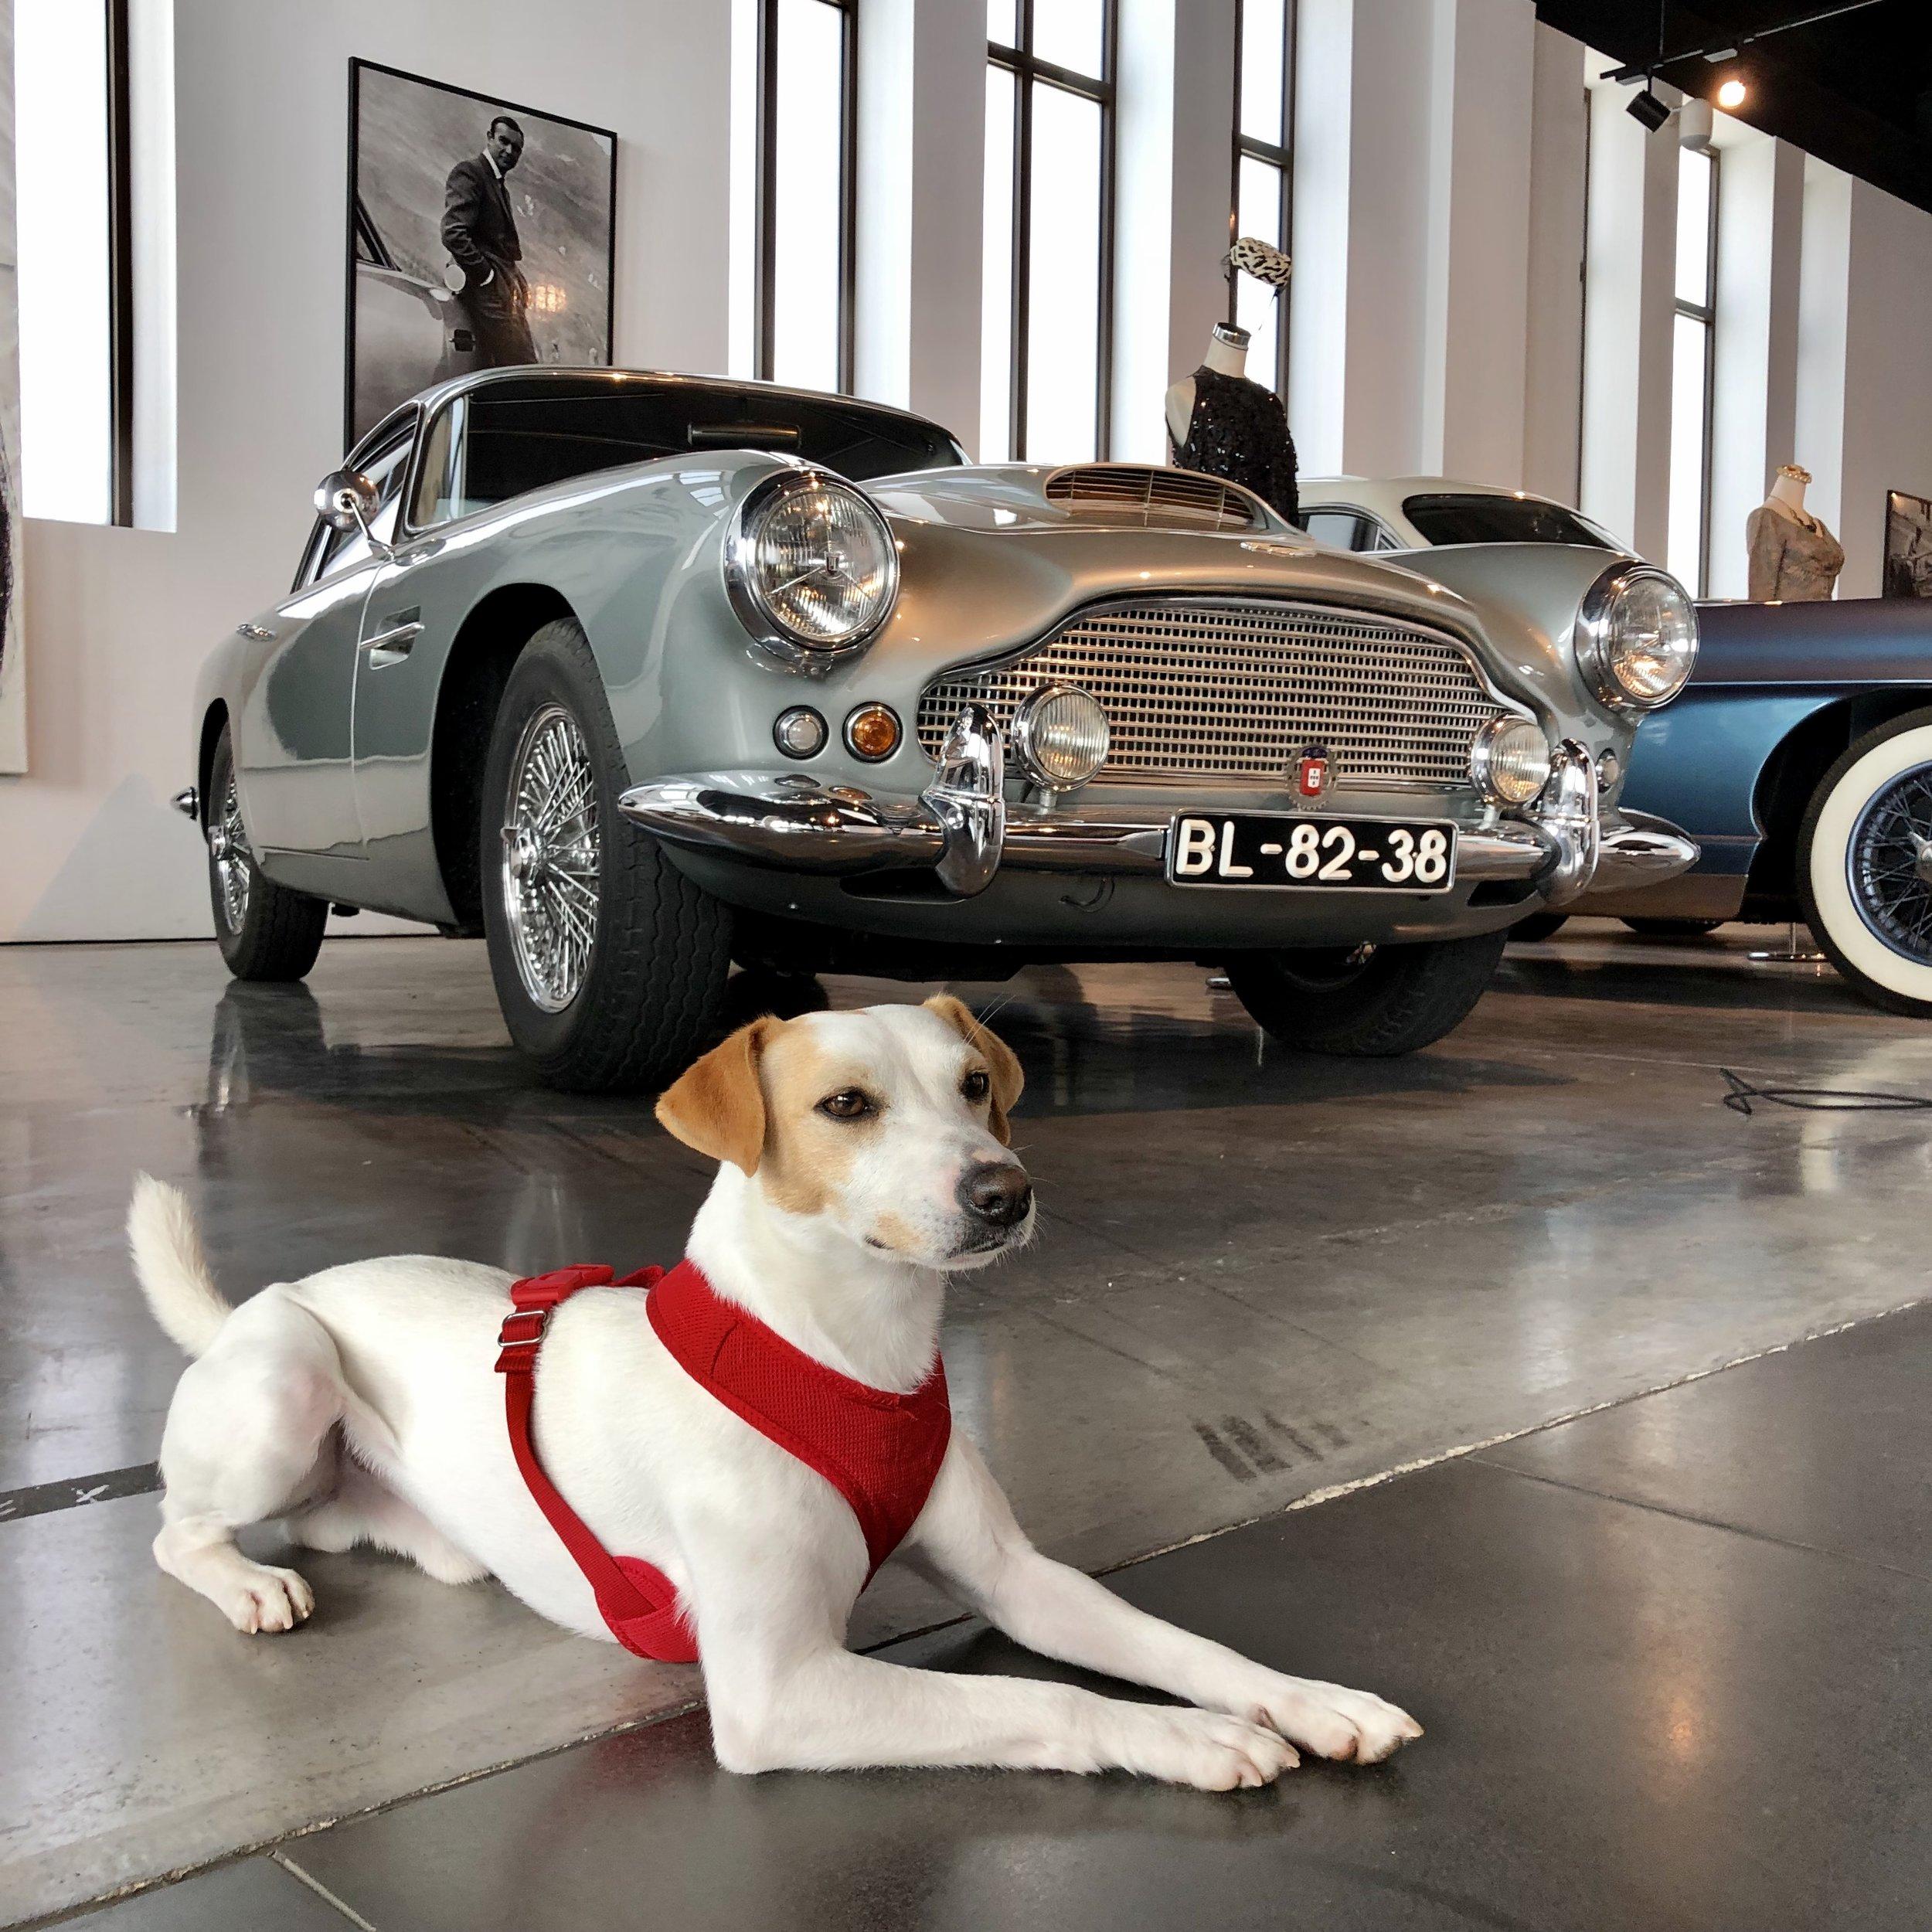 Pipper en el Museo del Automóvil y la Moda dogfriendly.